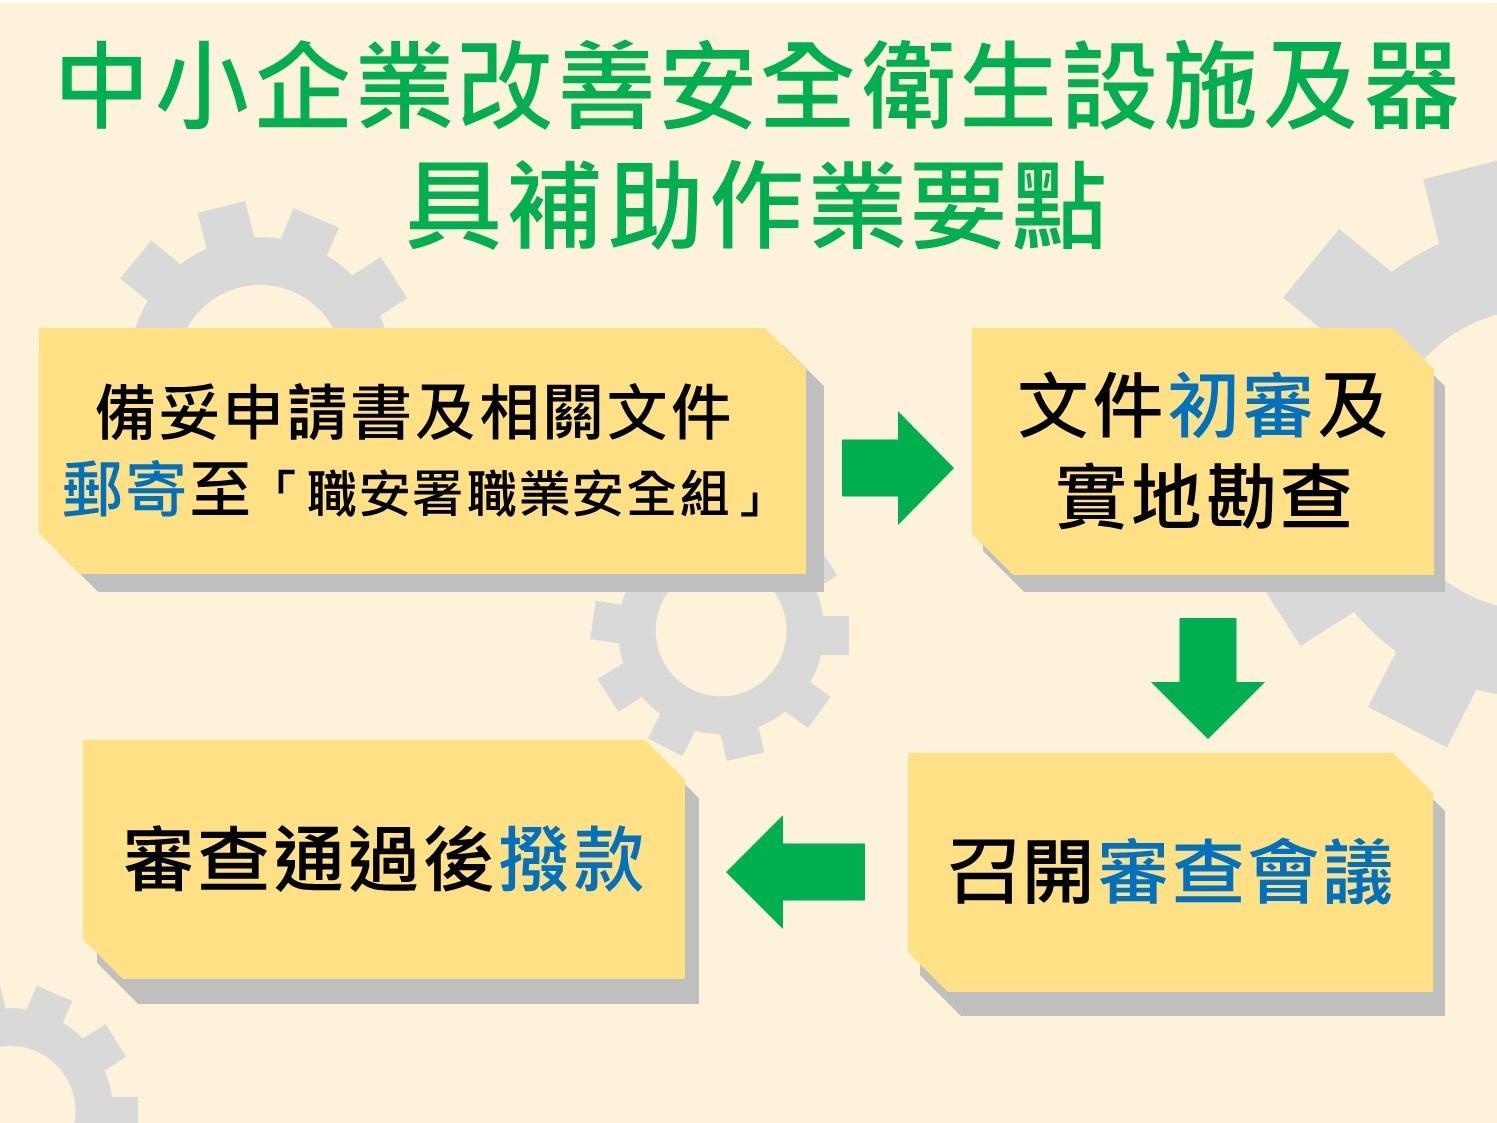 中小企業改善安全衛生設施及器具補助作業要點-申請流程